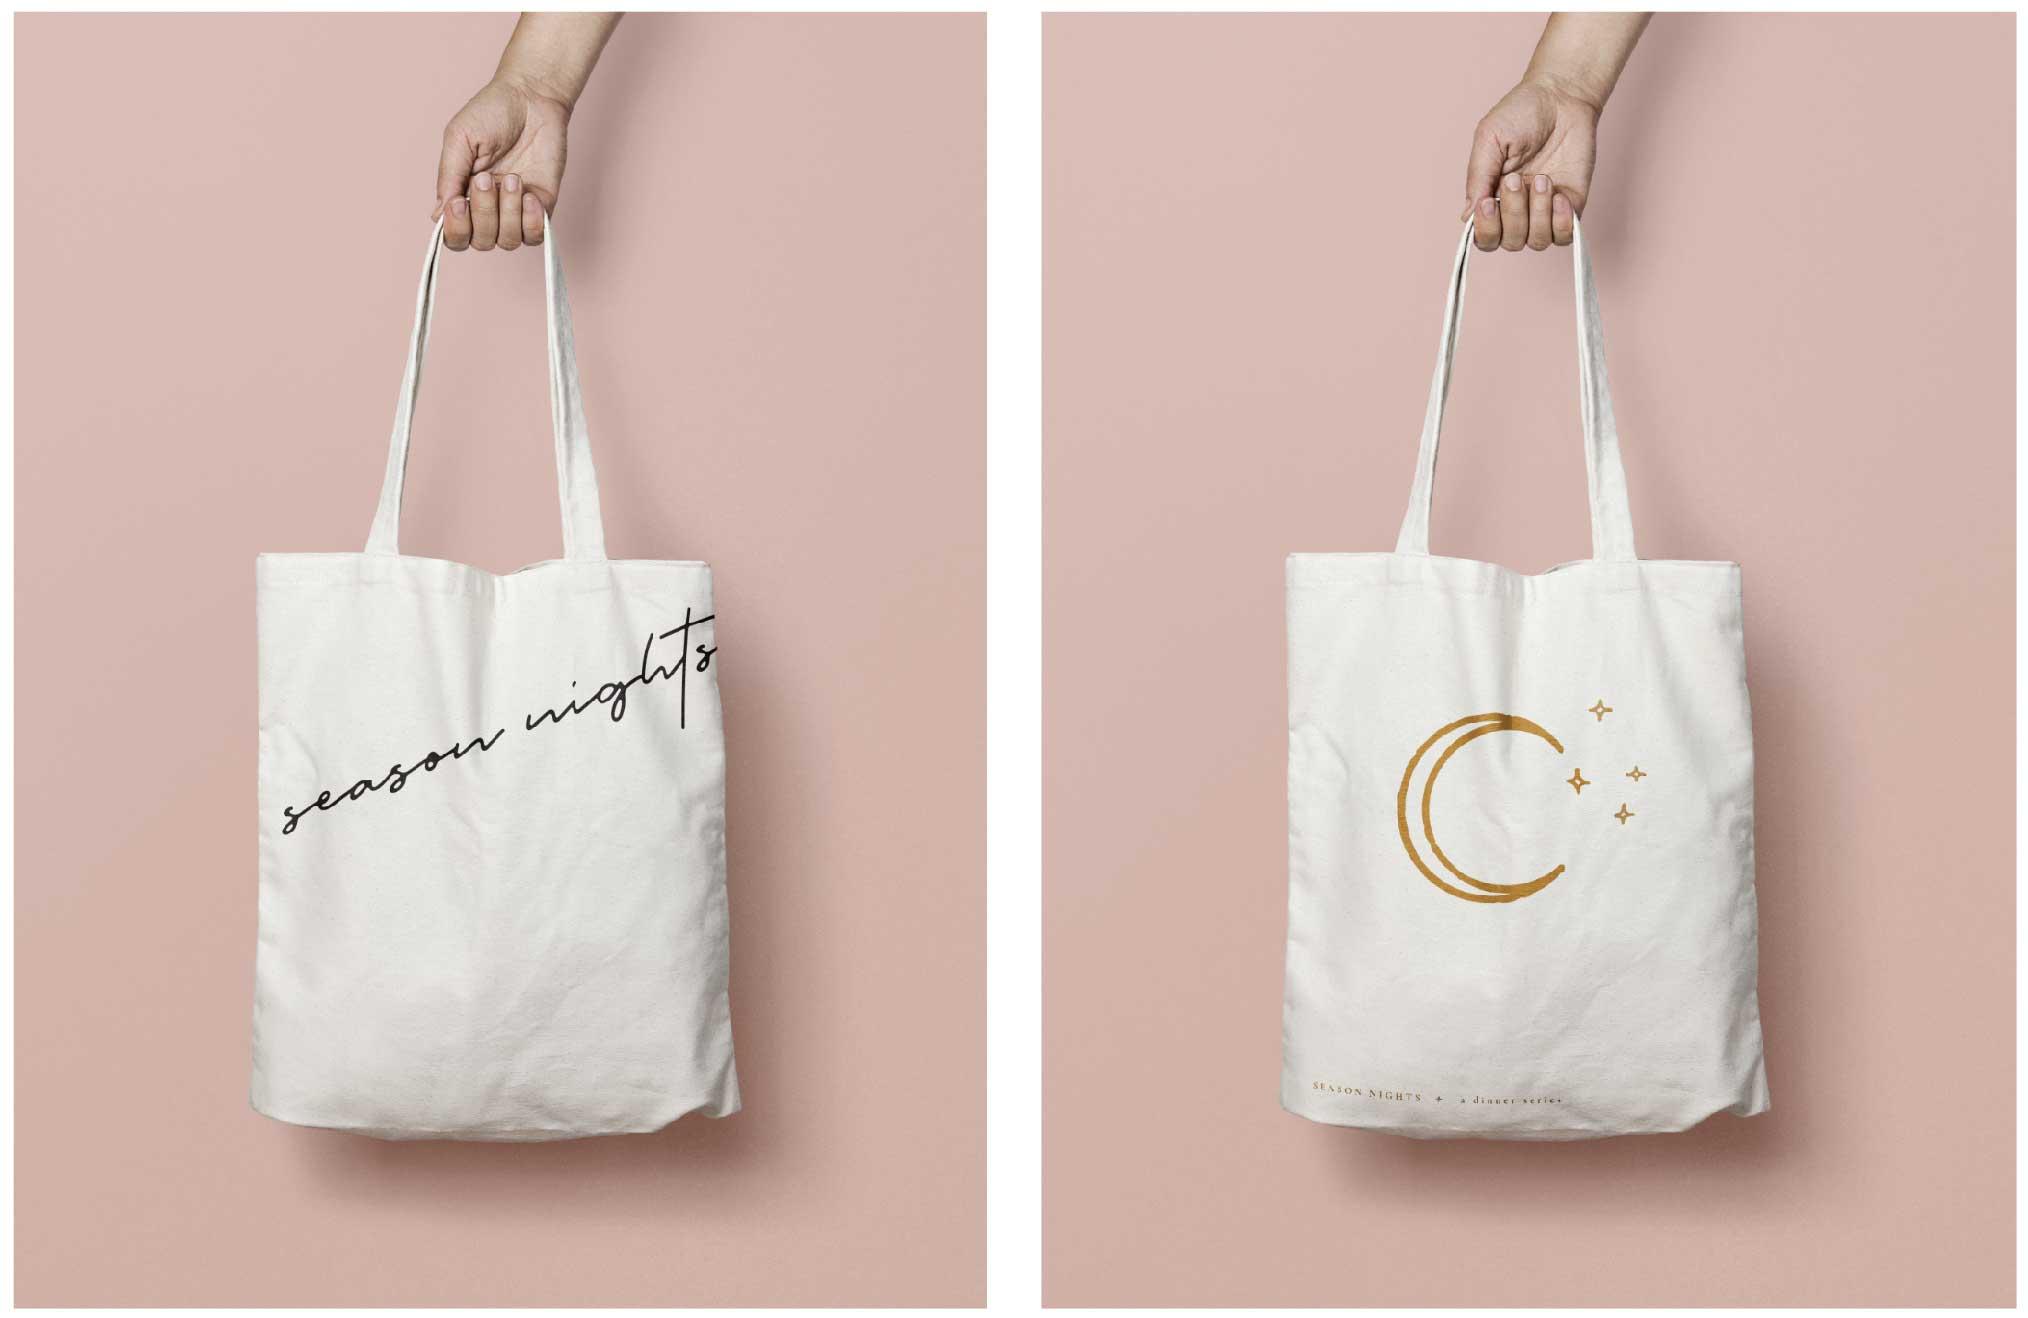 SN-2-bags.jpg